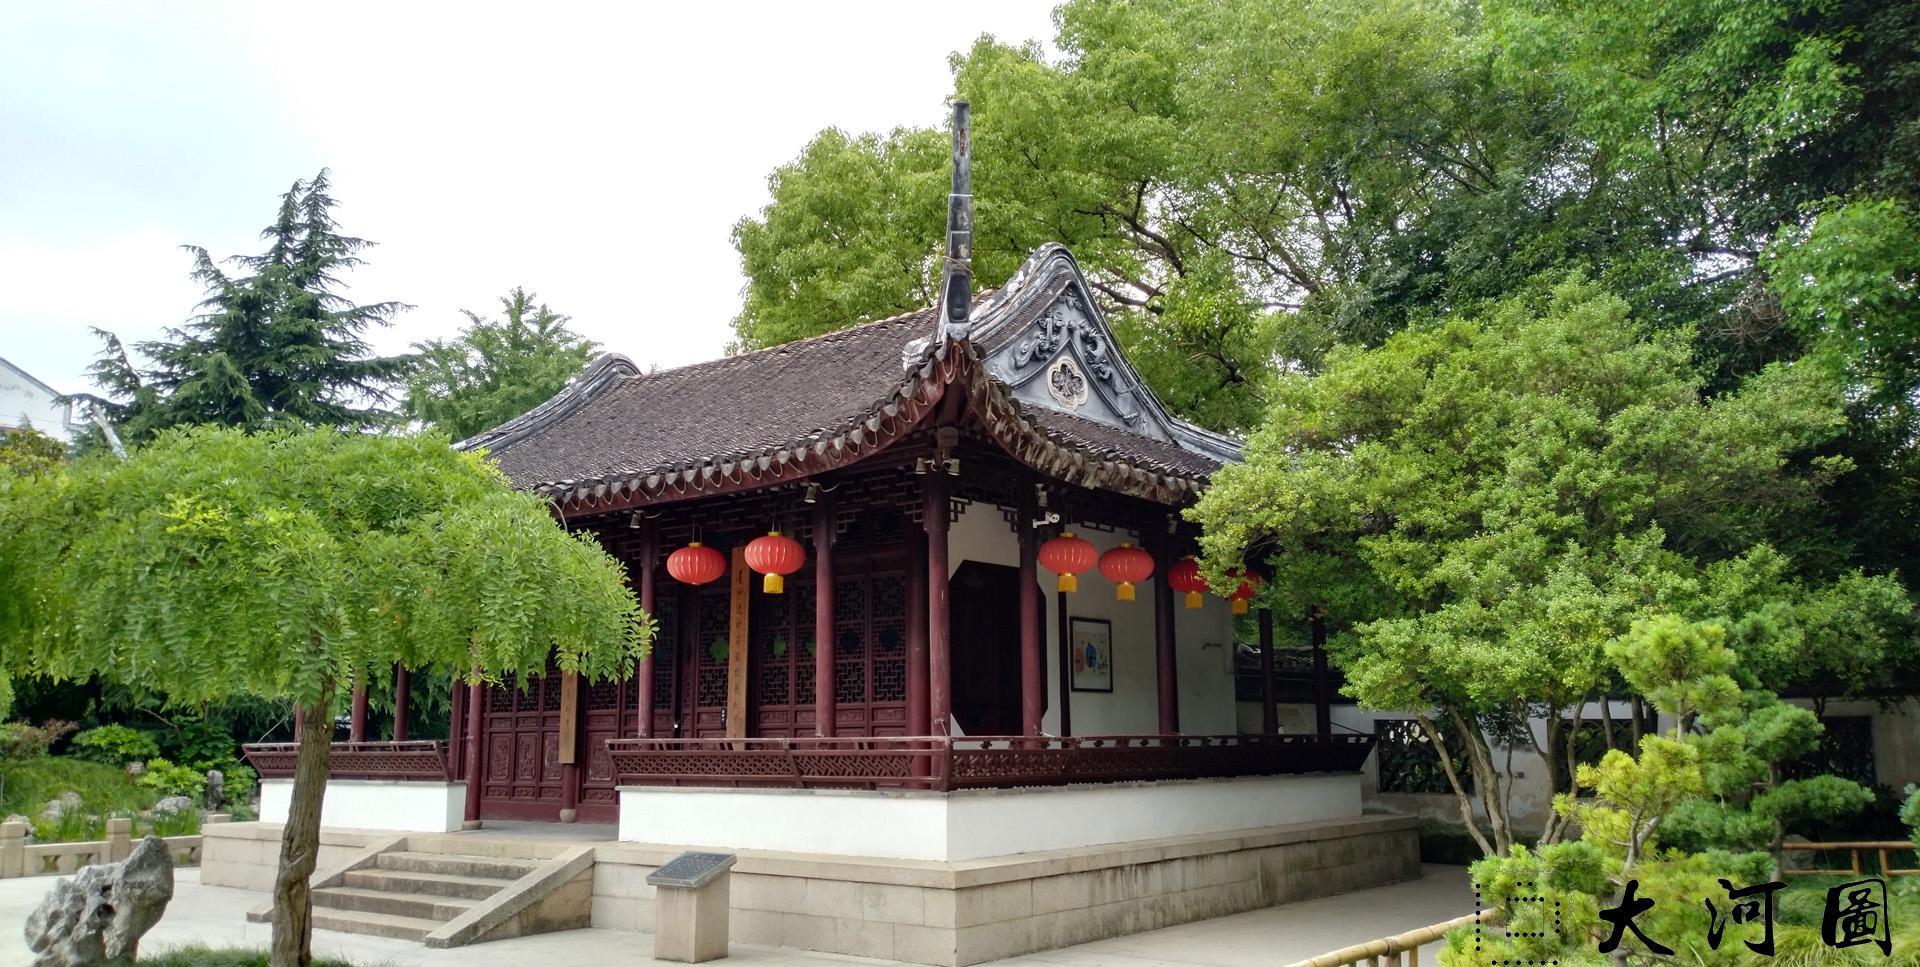 太仓弇山园石刻书法碑 石狮子 墨妙亭 这里是太仓 摄影 第10张